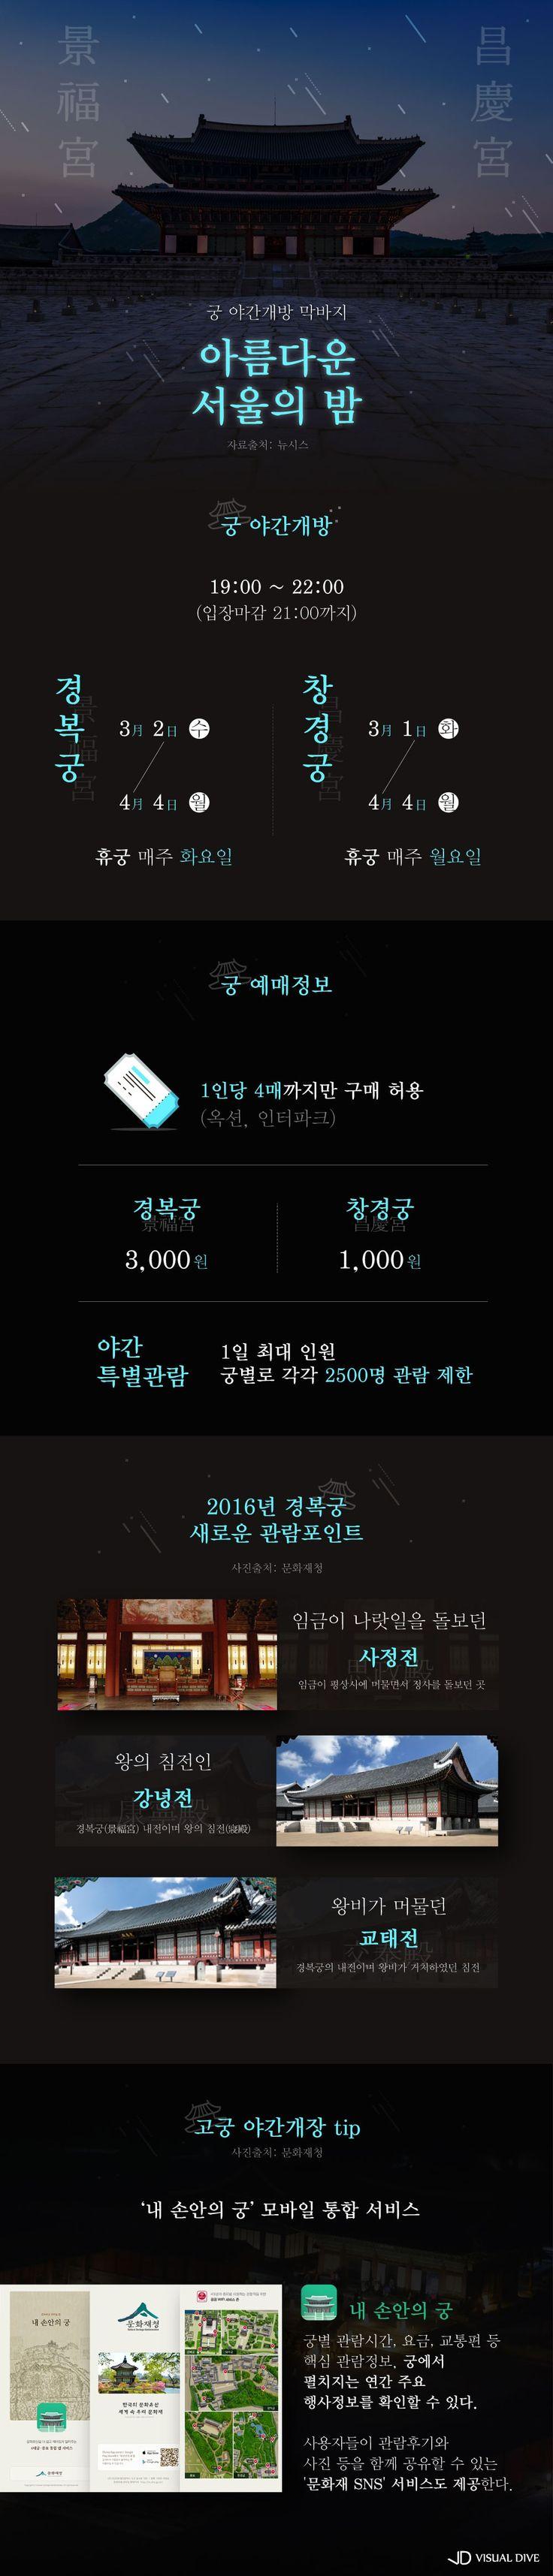 운치있는 '고궁 야간개장' 다음달 4일까지 [인포그래픽] #palace / #Infographic ⓒ 비주얼다이브 무단 복사·전재·재배포 금지